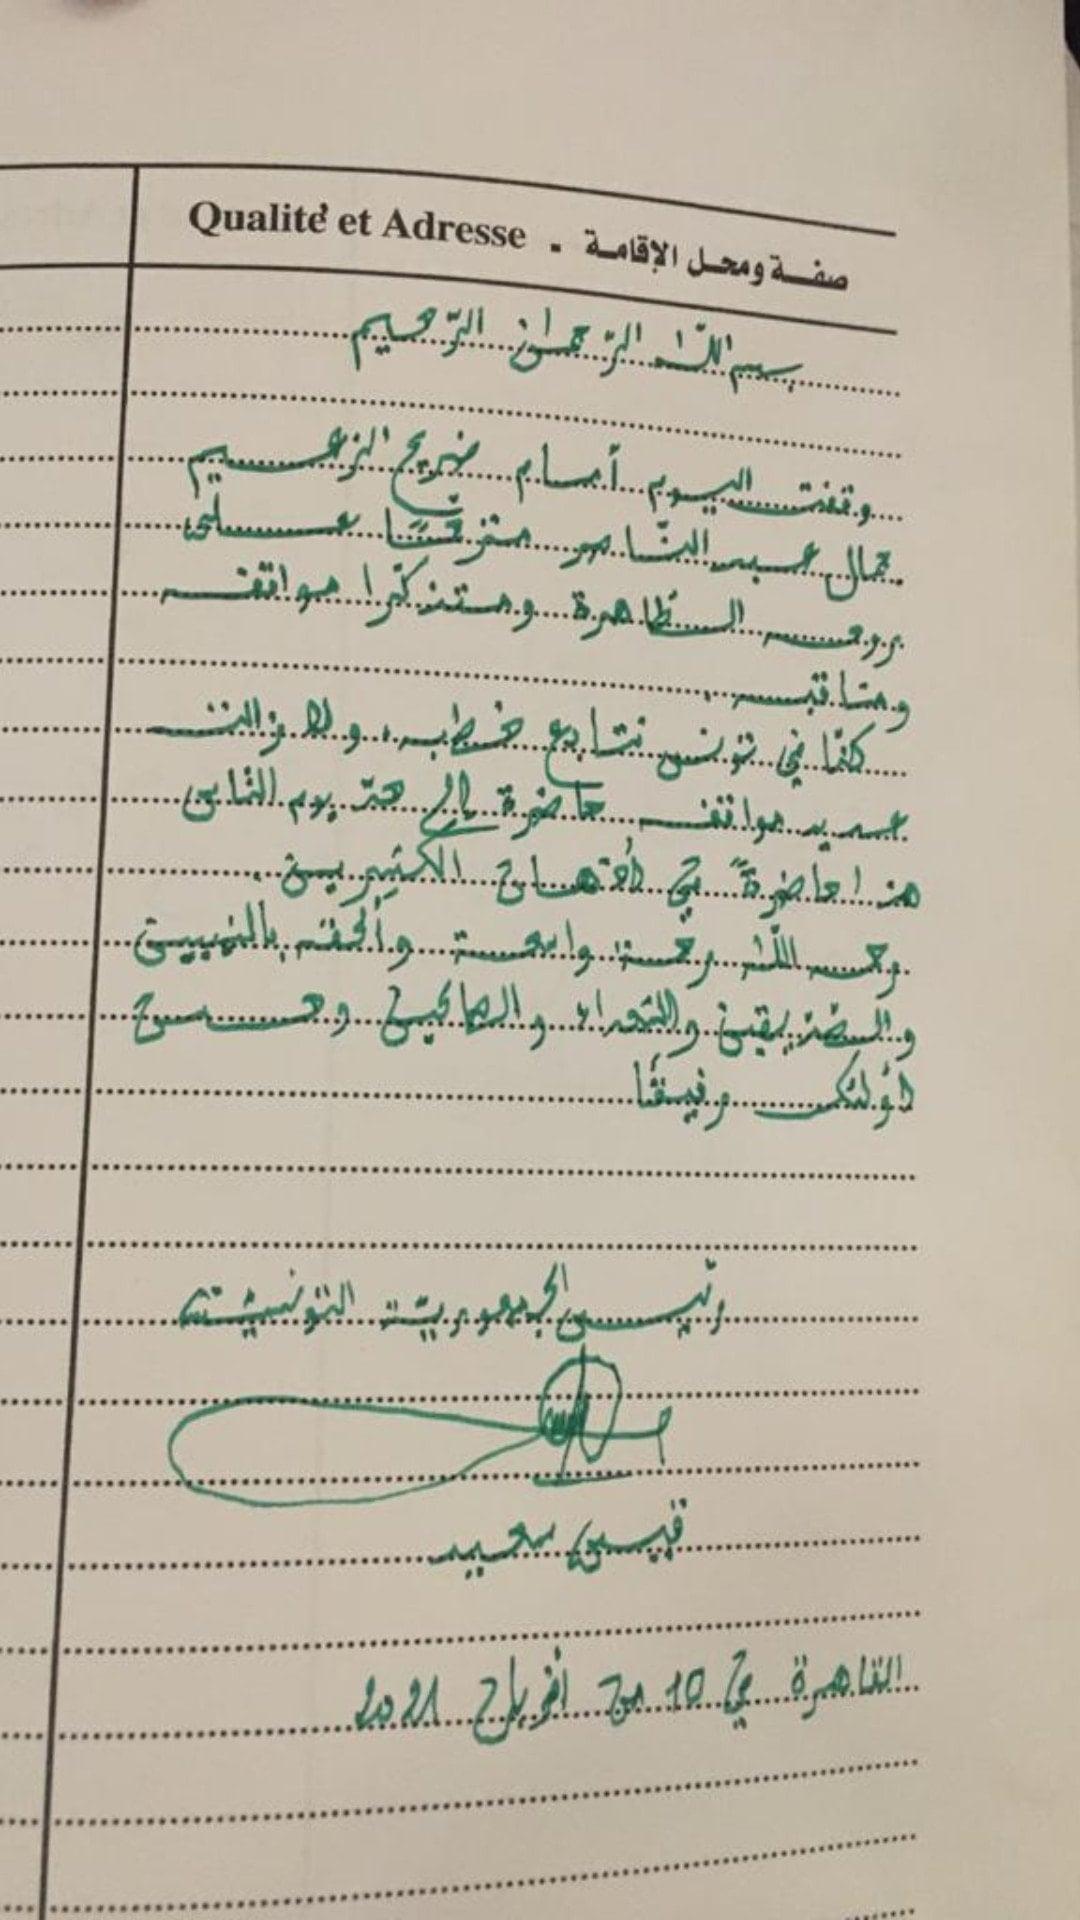 كلمة الرئيس التونسى فى دفتر الزيارات